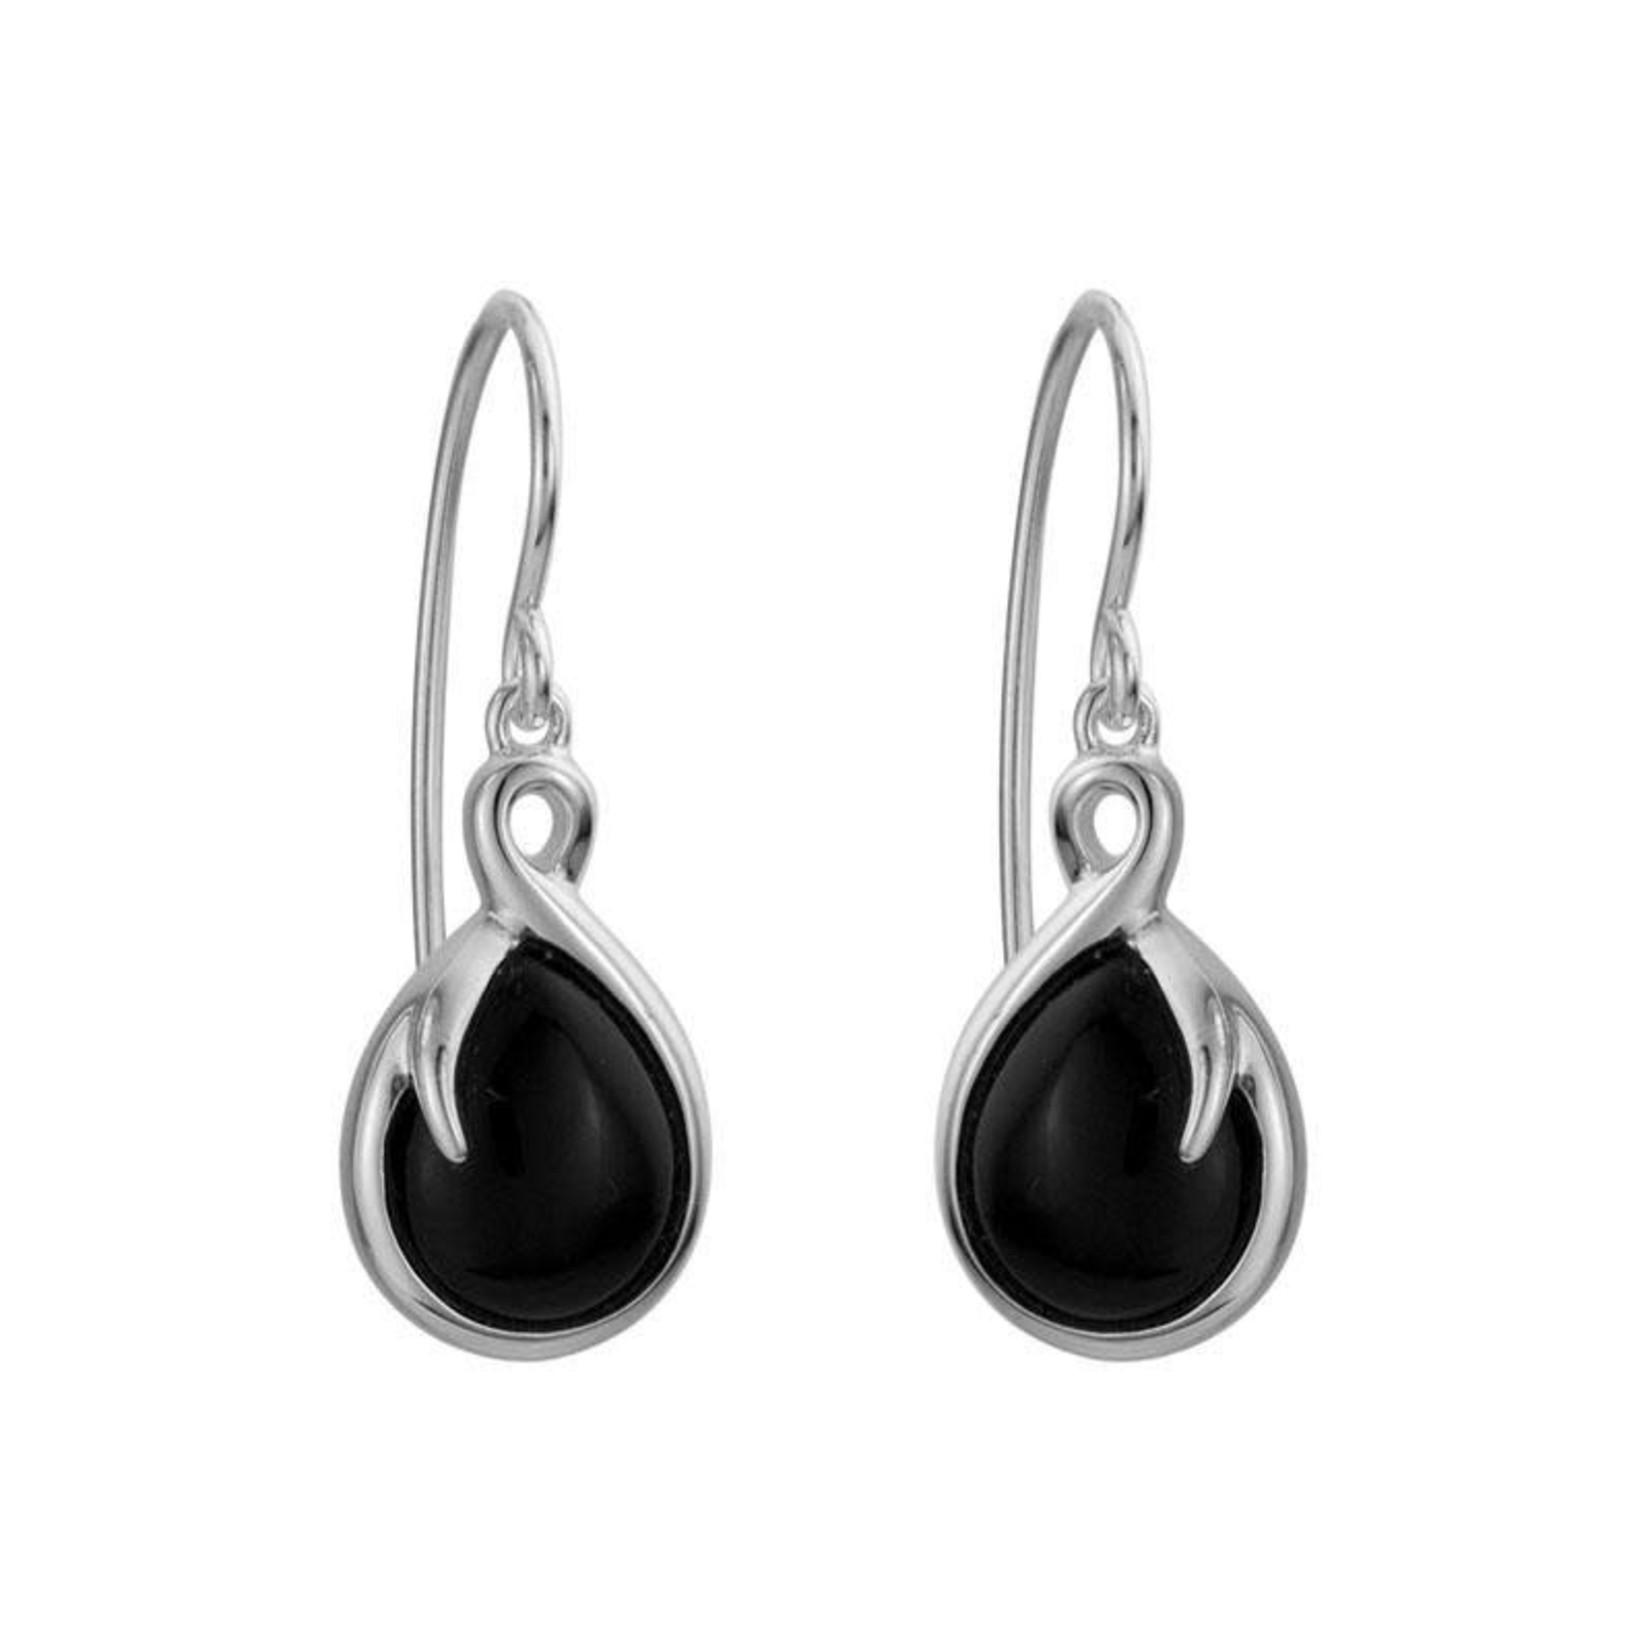 Black Onyx Teardrop Earrings in Silver